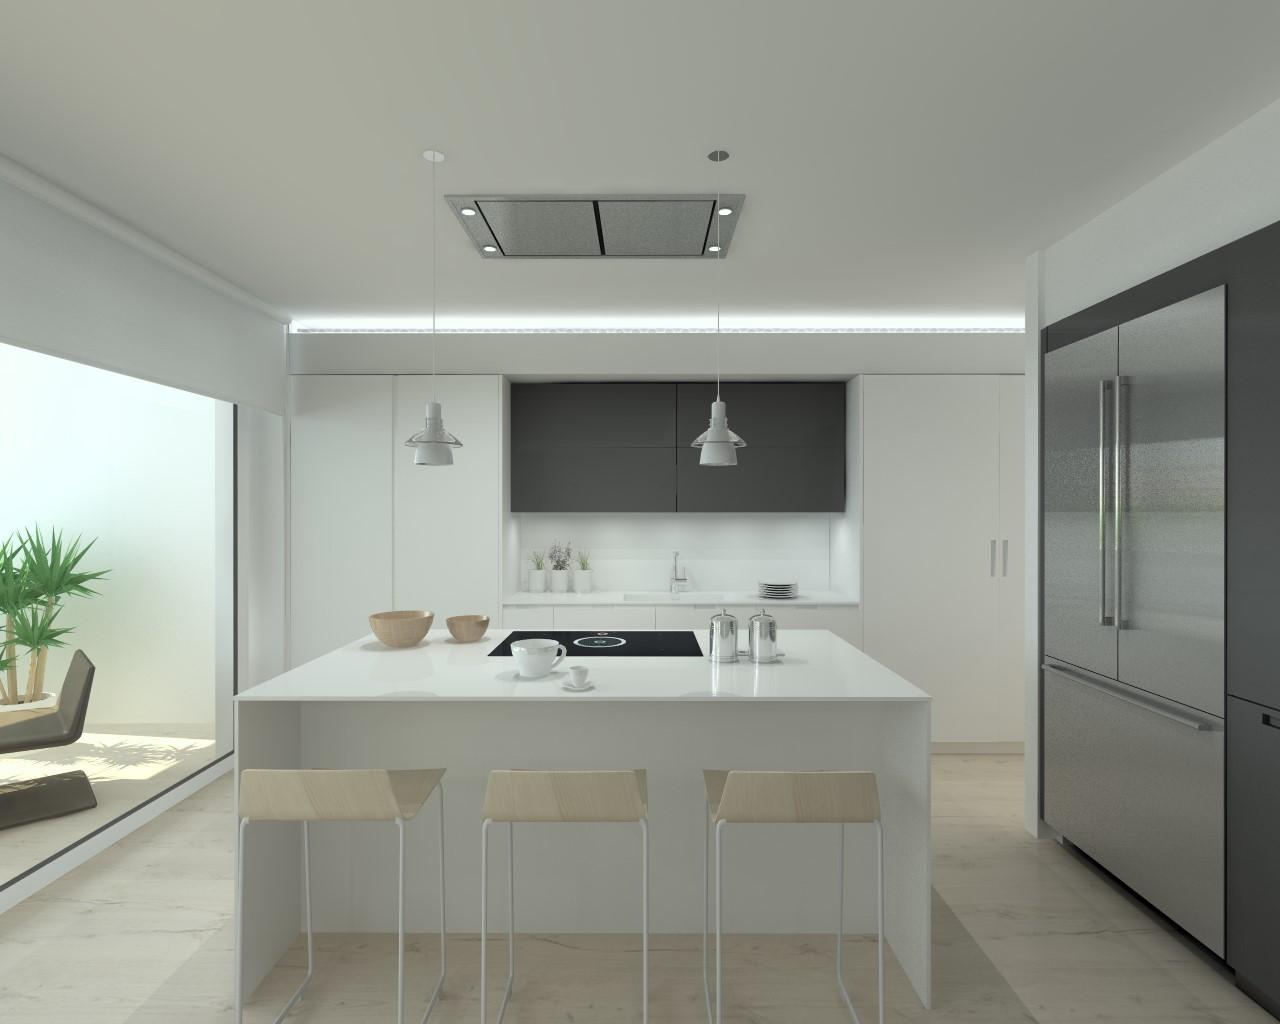 Cocinas santos modelo iintra laca seda blanco y gris antracita encimera krion blanco estudio - Cocinas santos ...